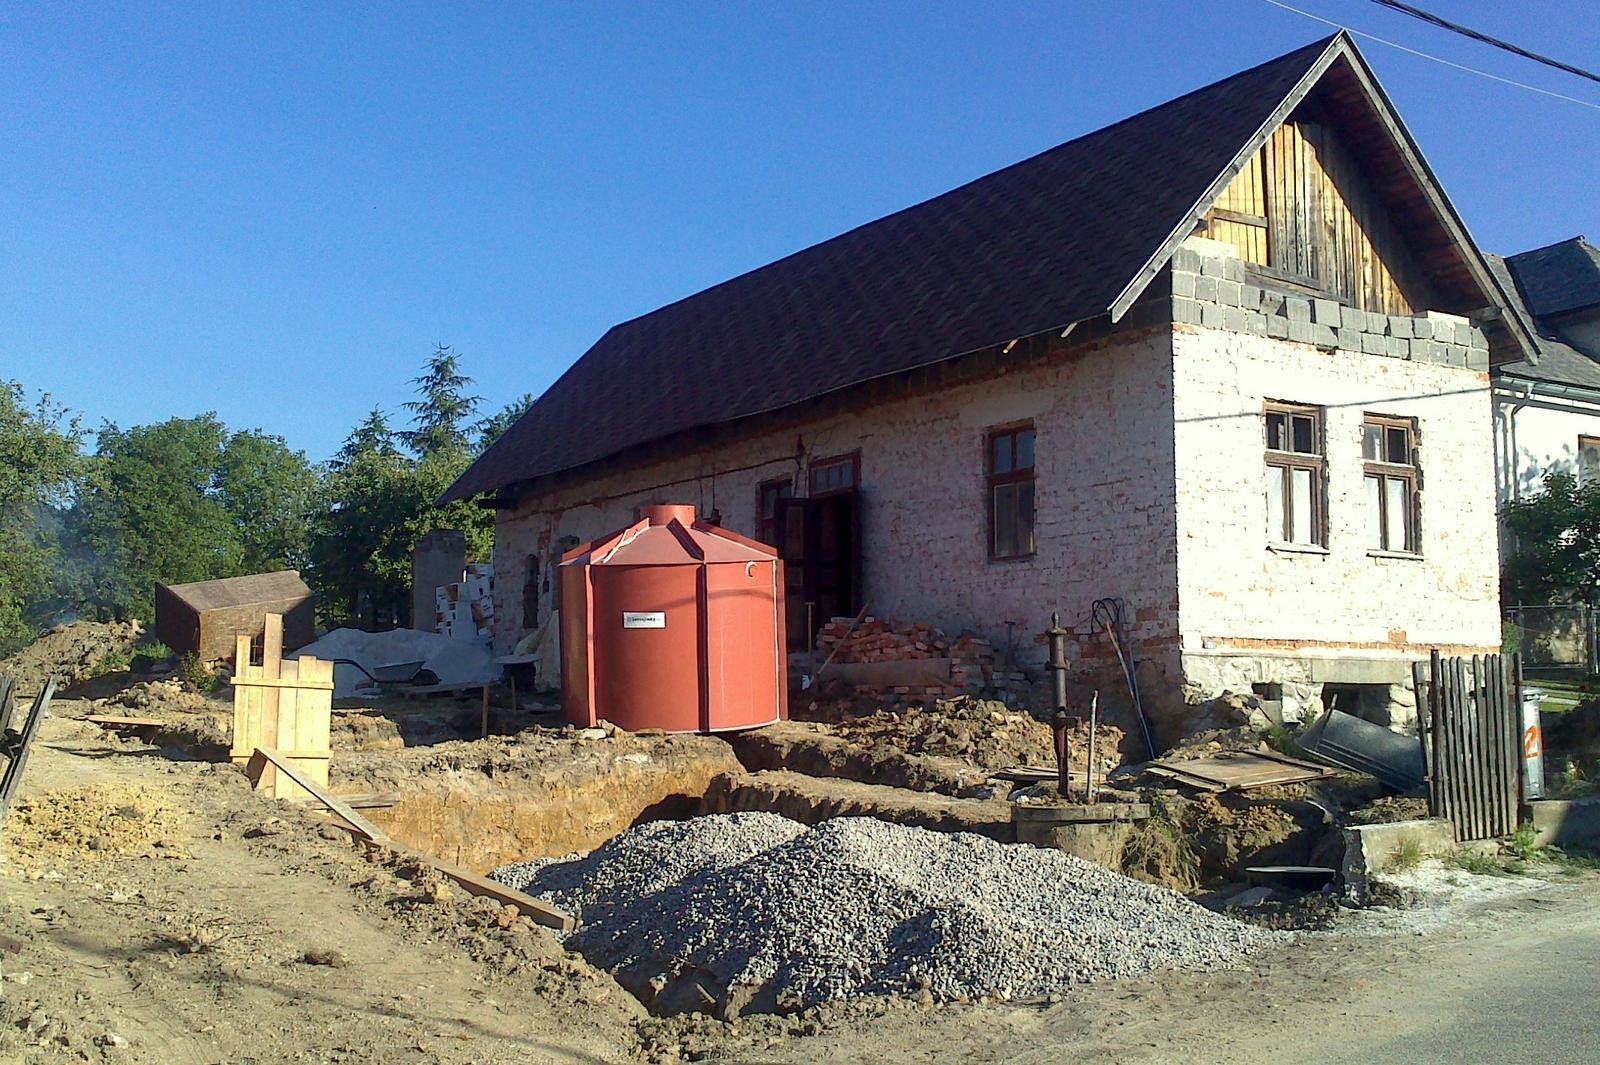 Rekonštrukcia domčeka z roku 1937 - Jún 2014 - odkopanie miesta pre budúce státie. Vzadu plastová žumpa s objemom 9 m3, ktorá bude zakopaná nad budúcim múrom.